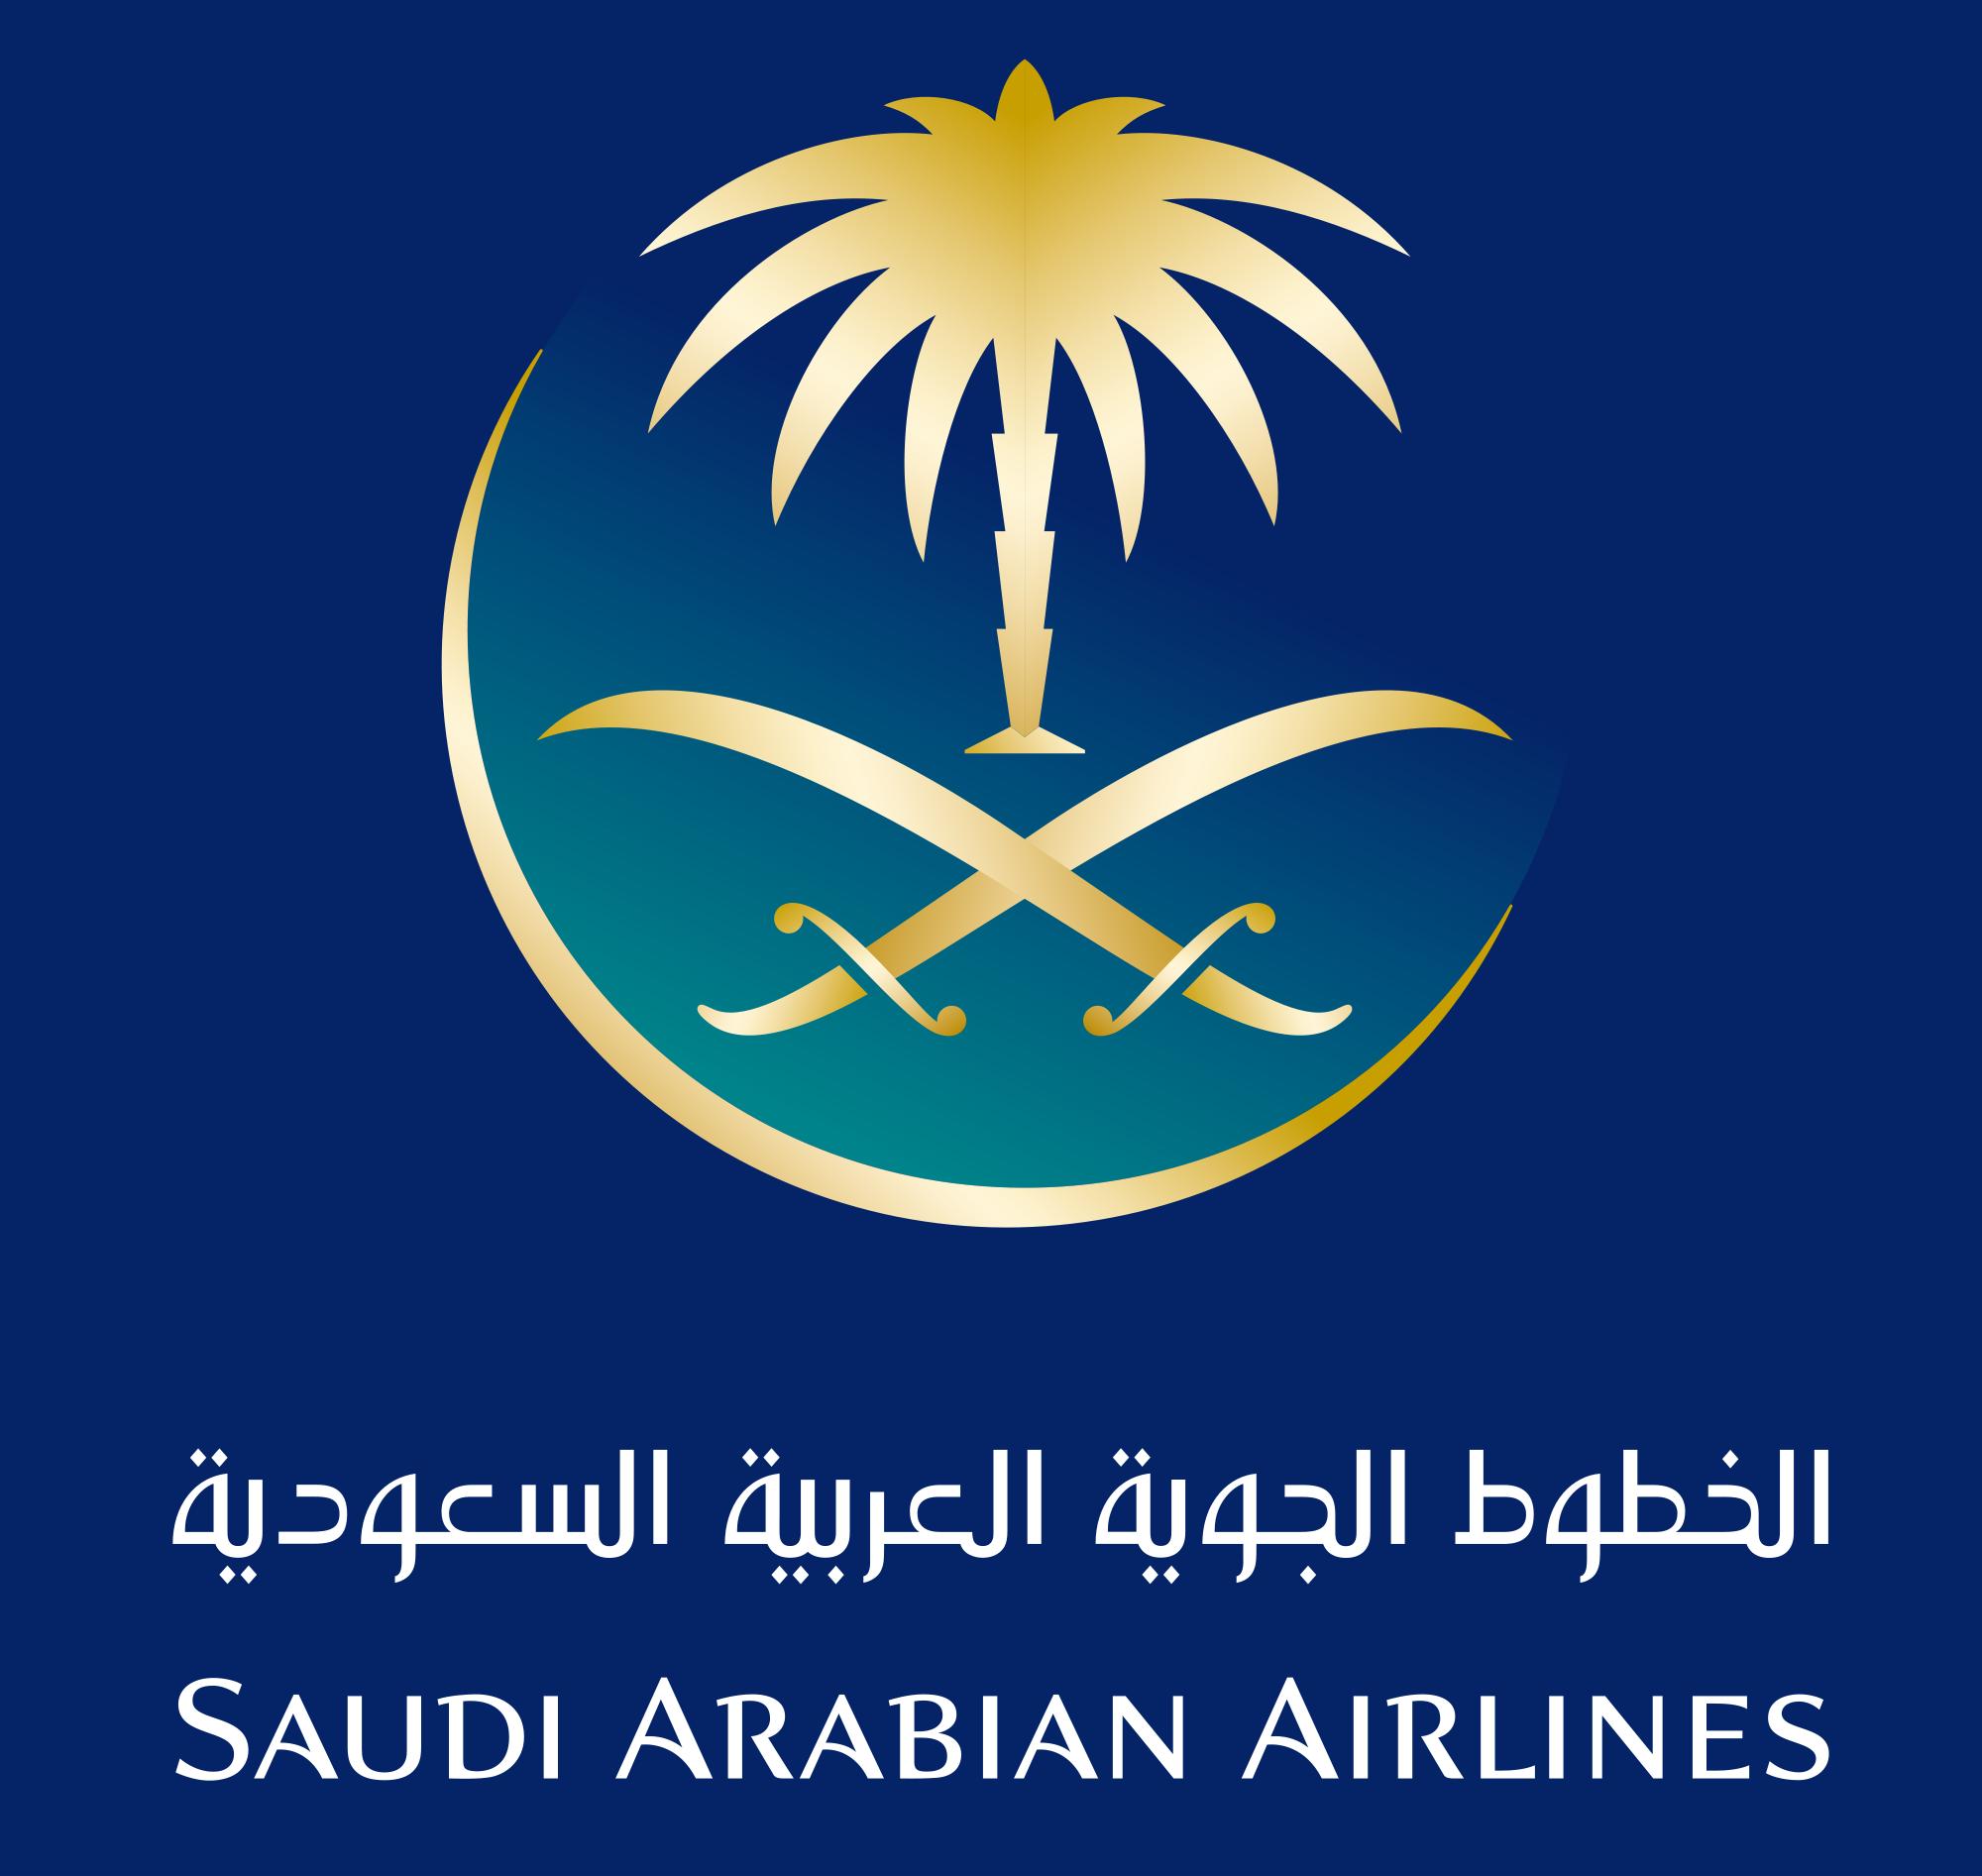 Vecchio logo usato sino allu0027ingresso in SkyTeam dalla compagnia. - Saudia Airlines Logo PNG